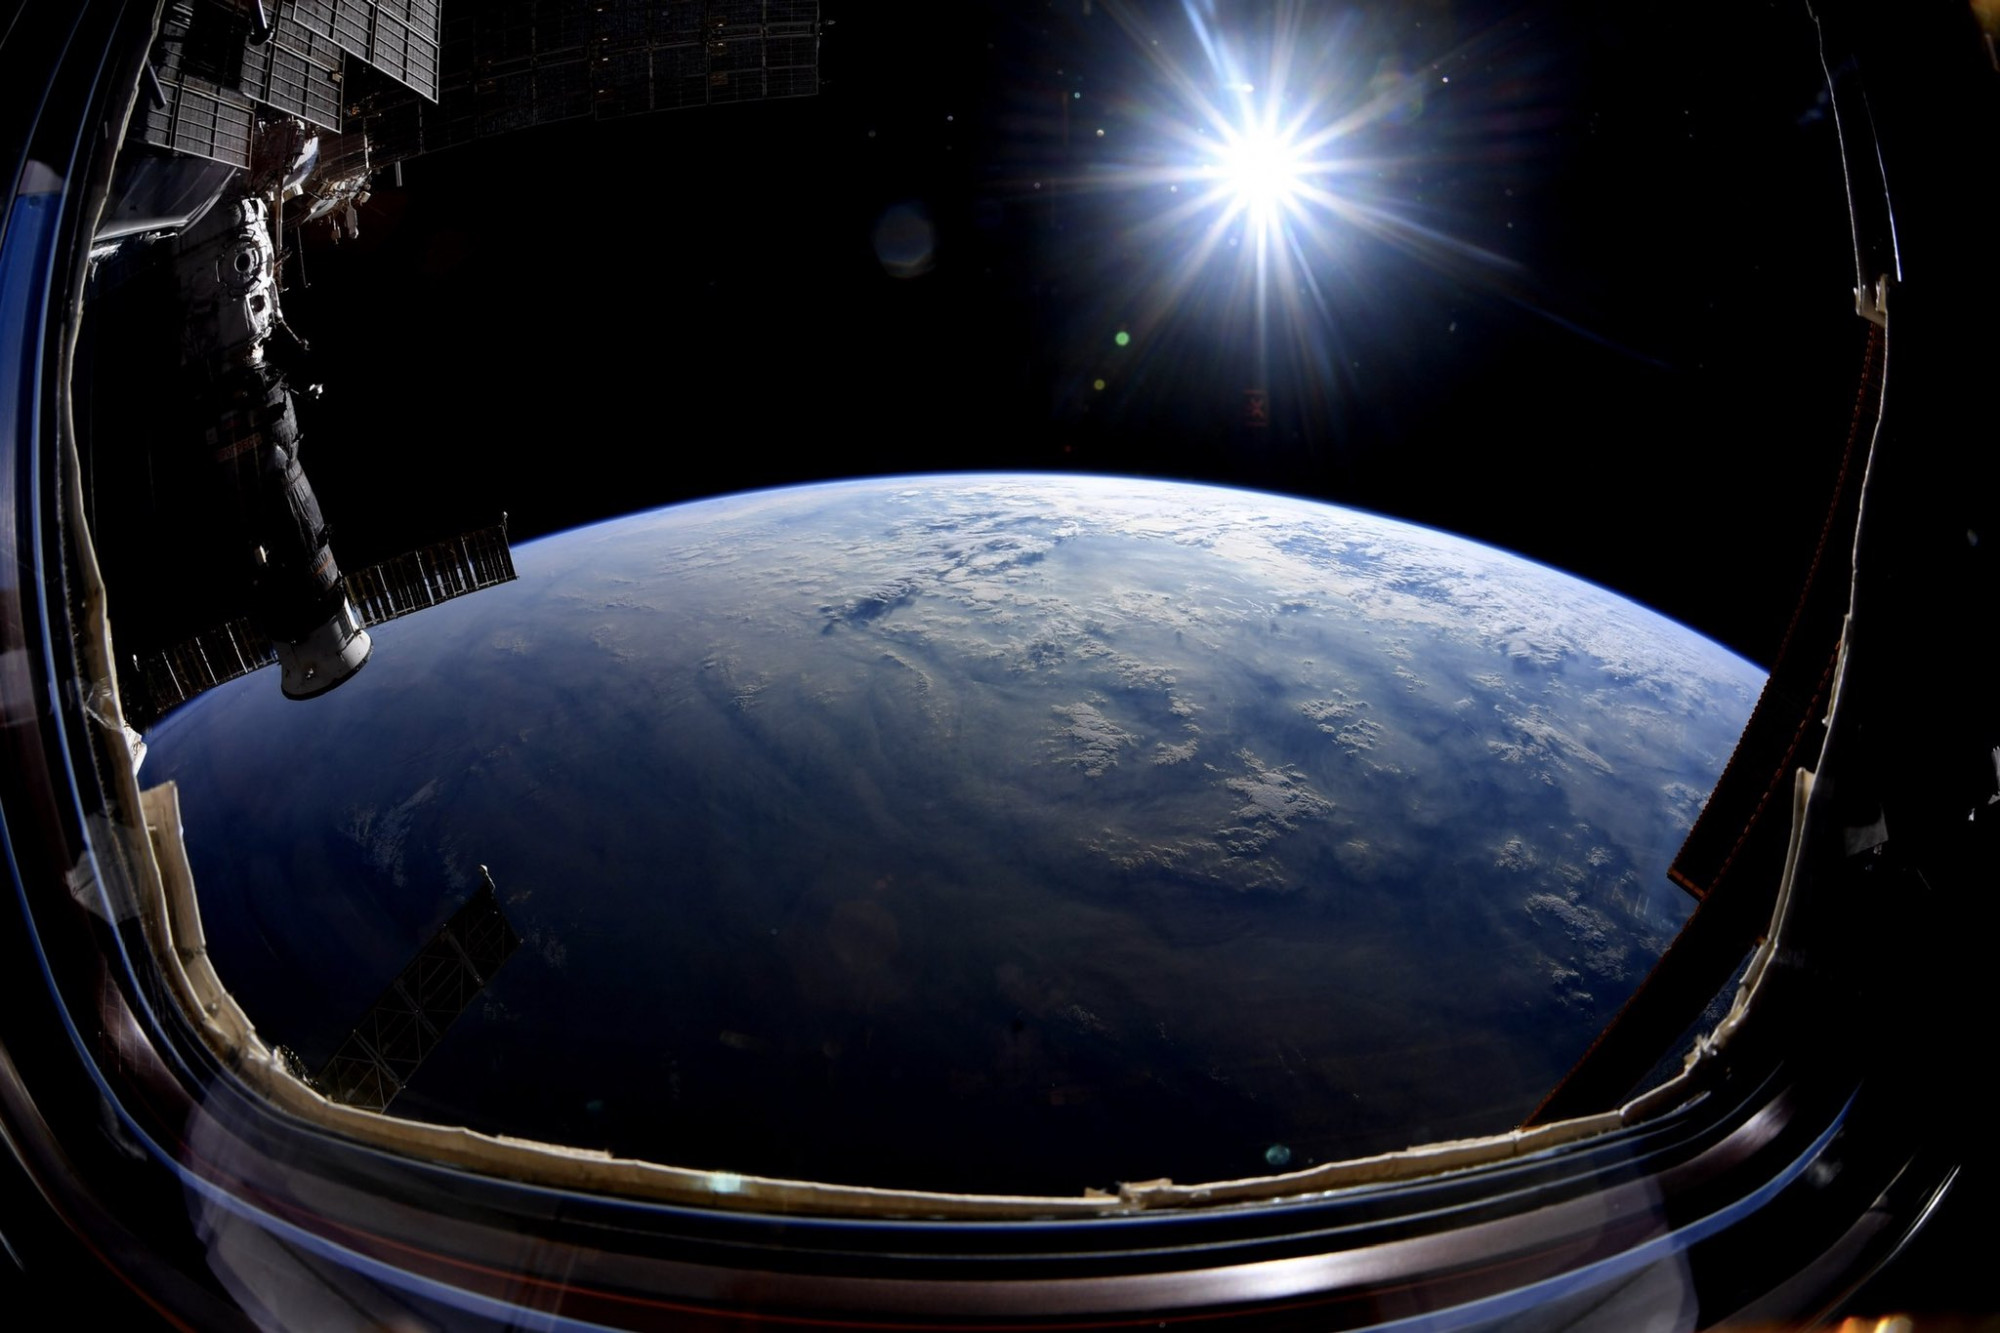 Pourquoi les spationautes flottent-ils dans l'espace ? - RTL.fr